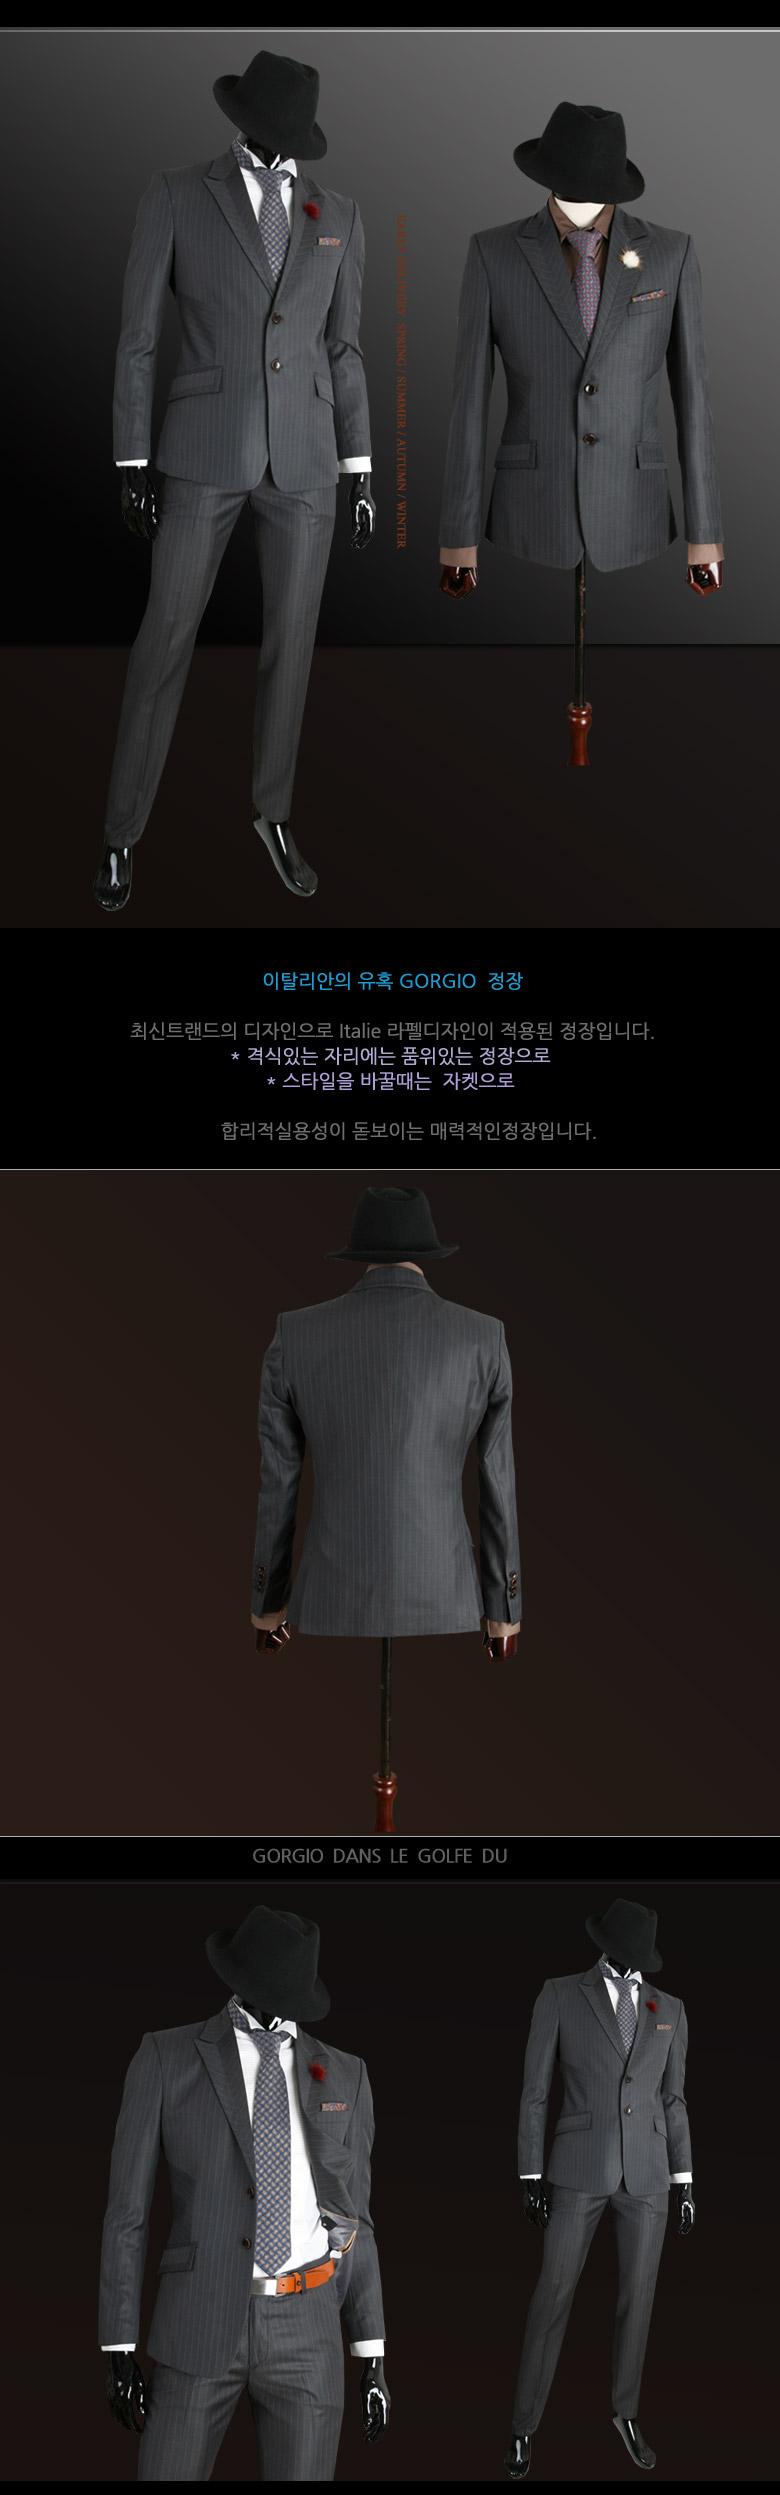 정장 Men's Suits 男性のスーツ 男士西裝